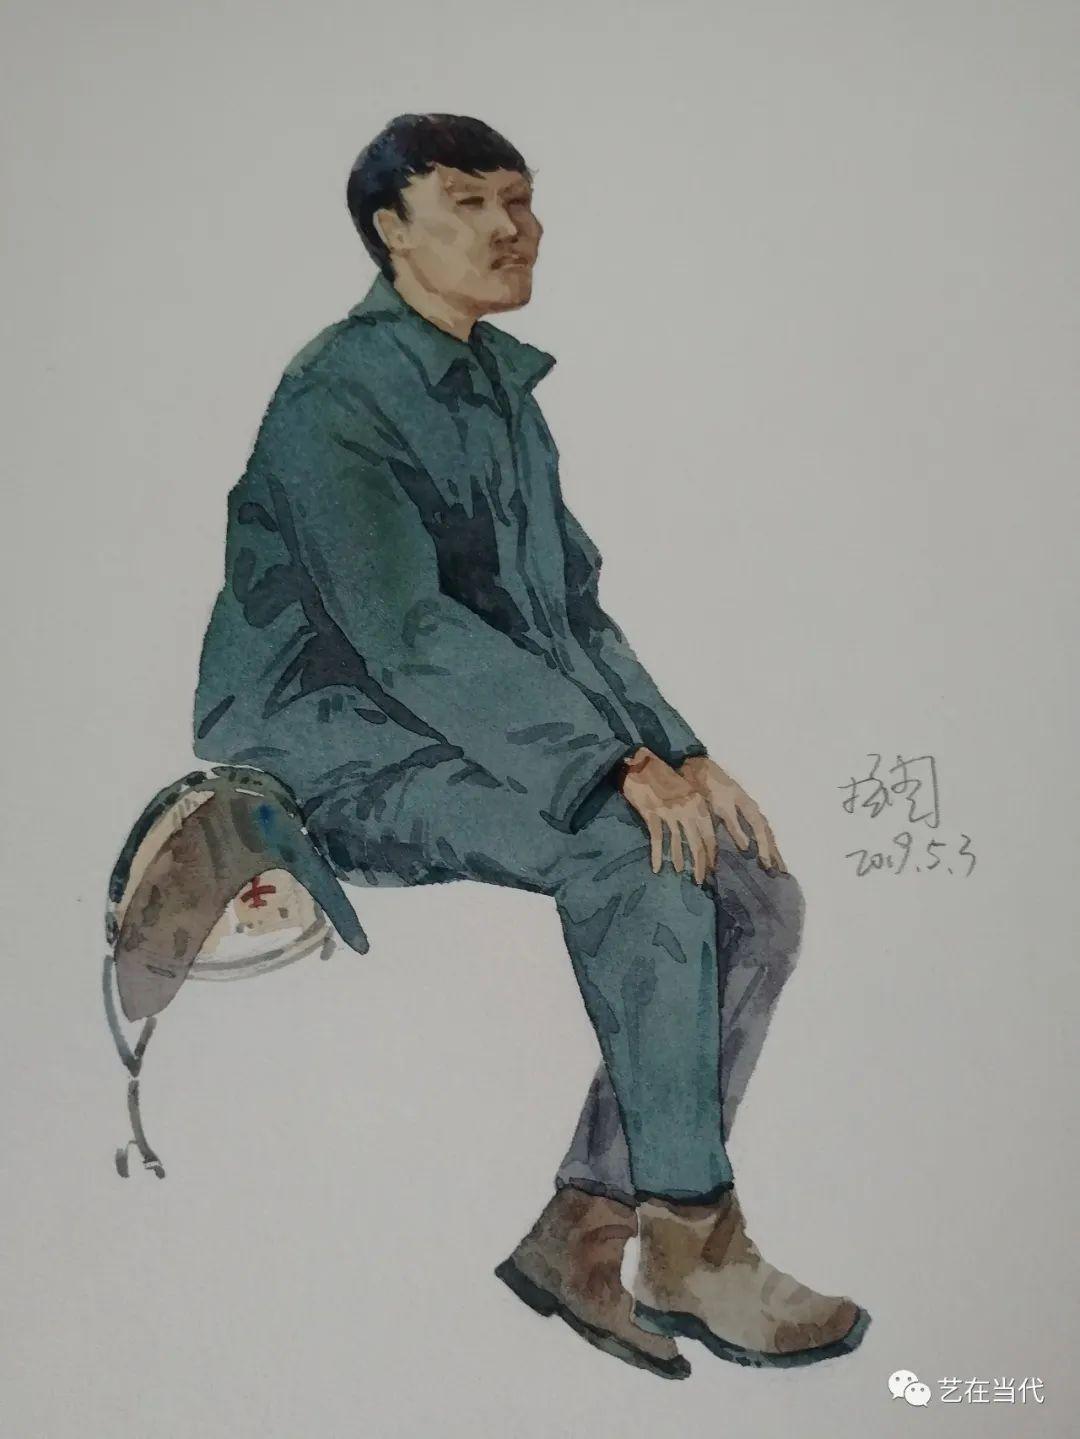 推荐画家| 苏雅拉图 第15张 推荐画家| 苏雅拉图 蒙古画廊